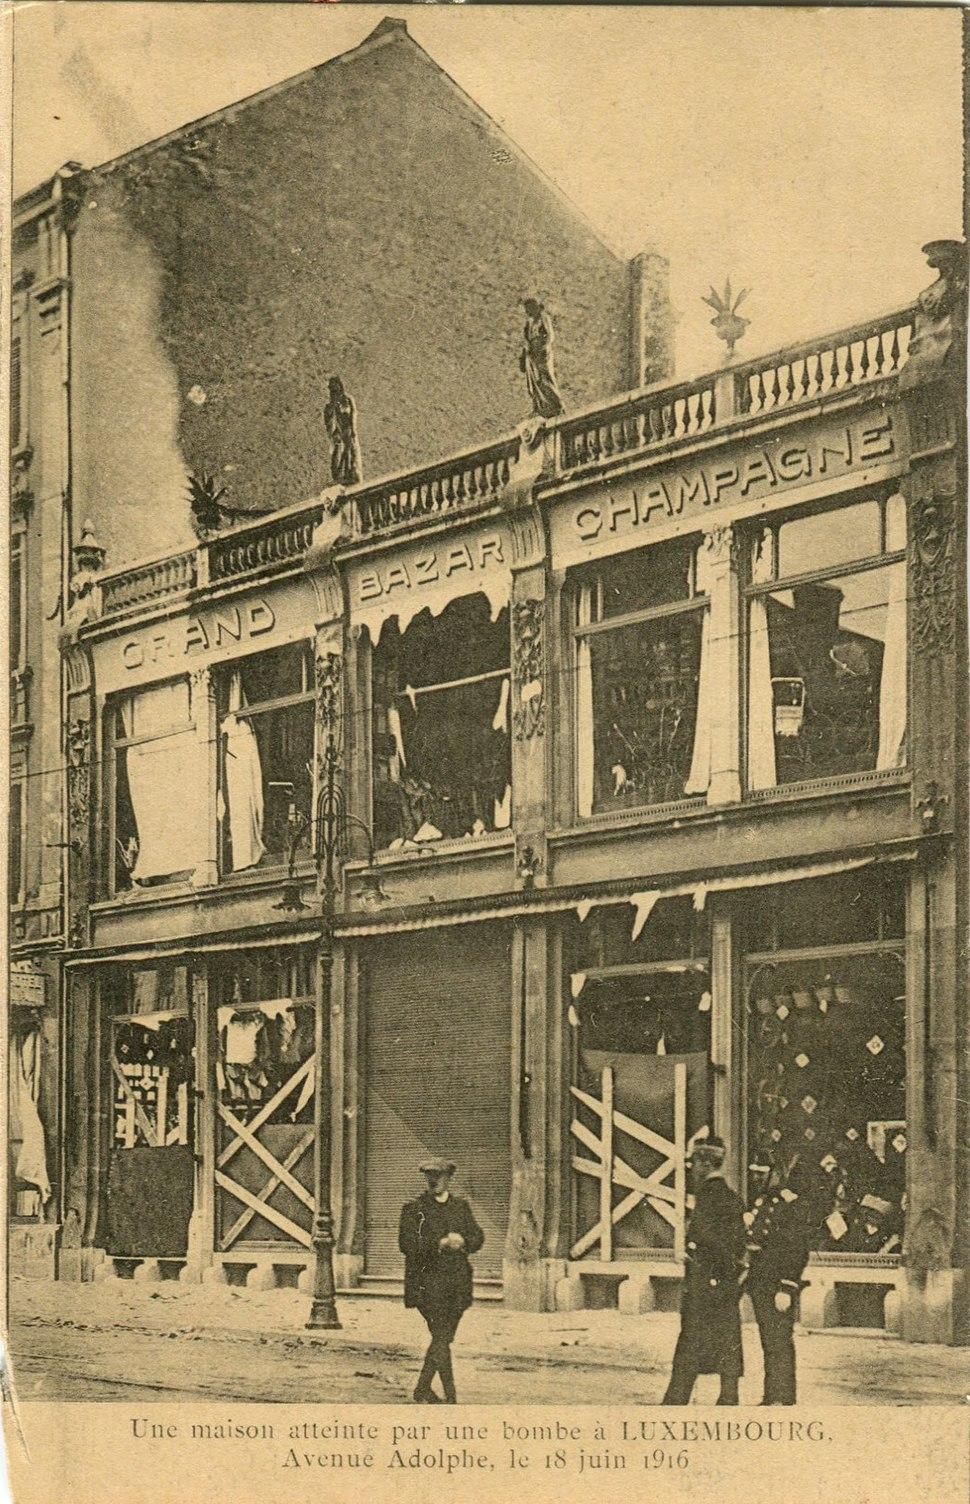 Avenue Adolphe, Grand Bazar Champagne, 18 juin 1916